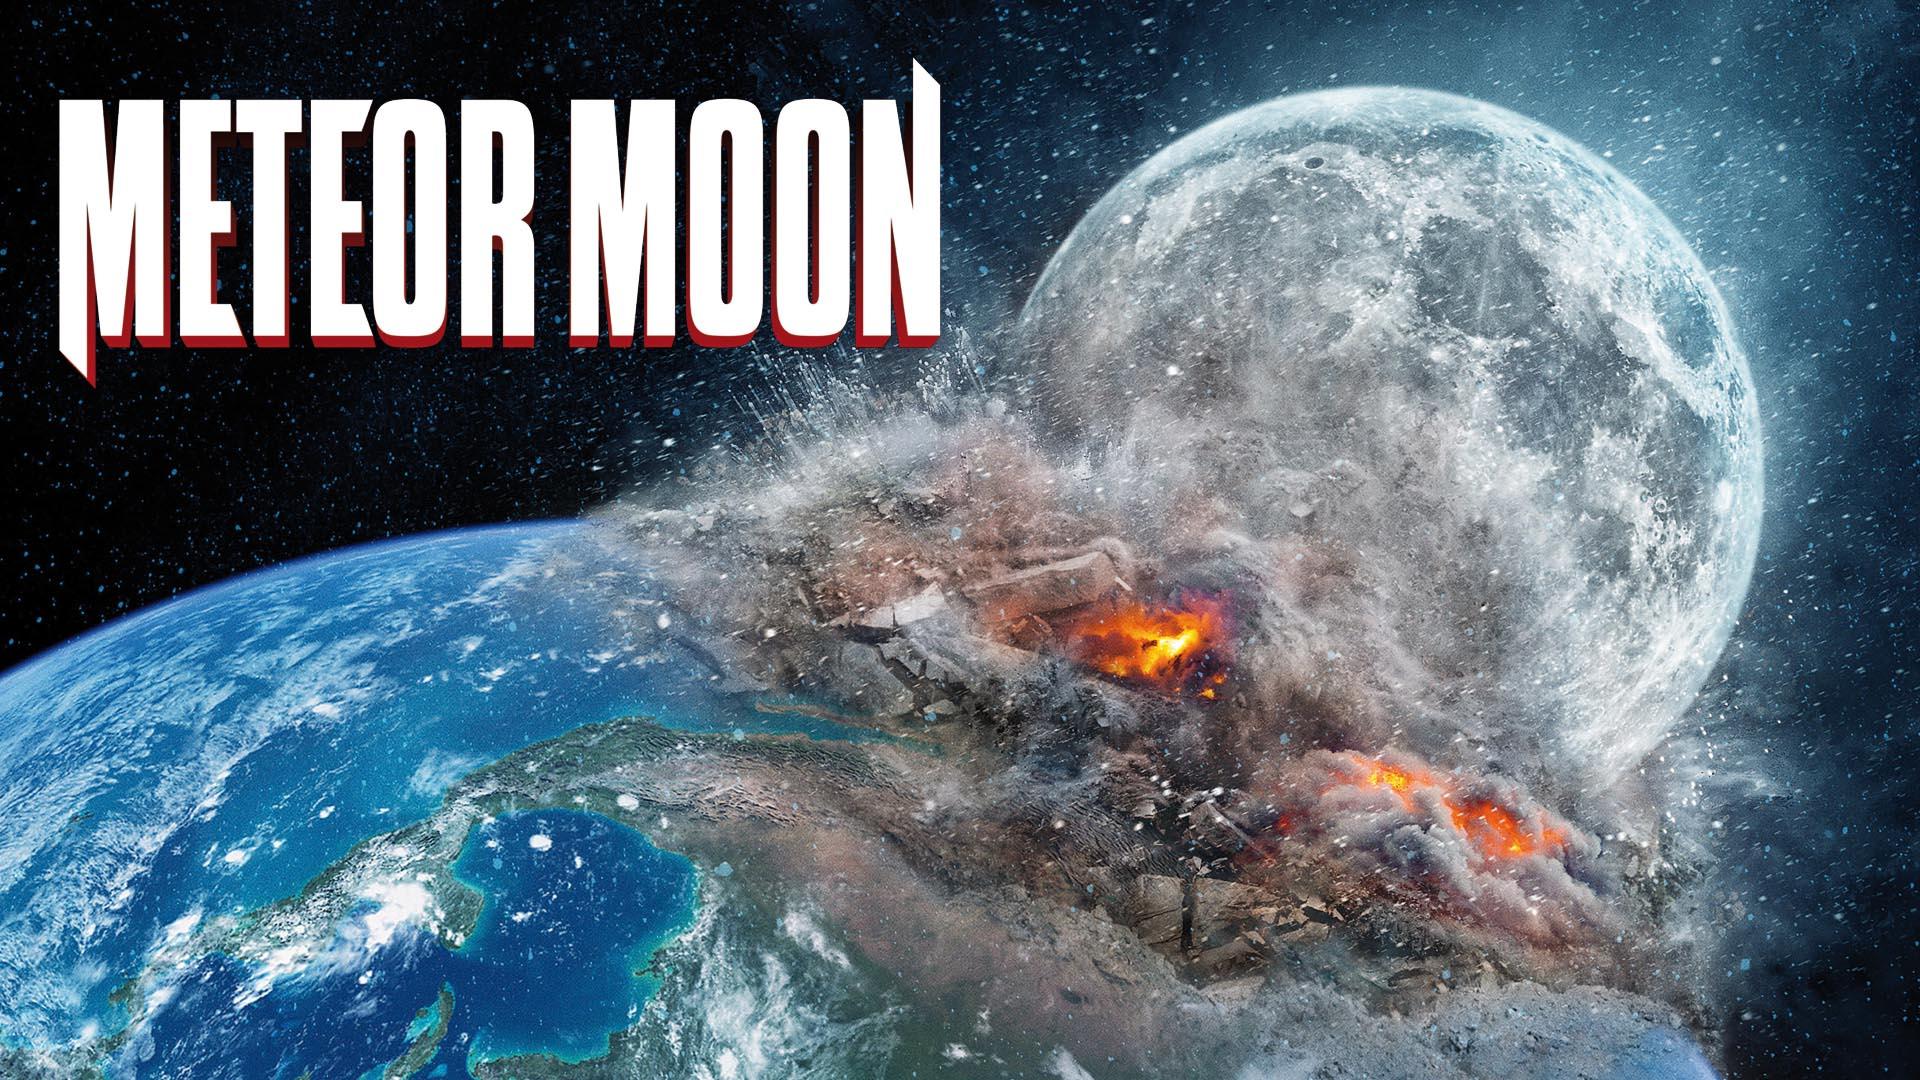 Meteor Moon [dt./OV]